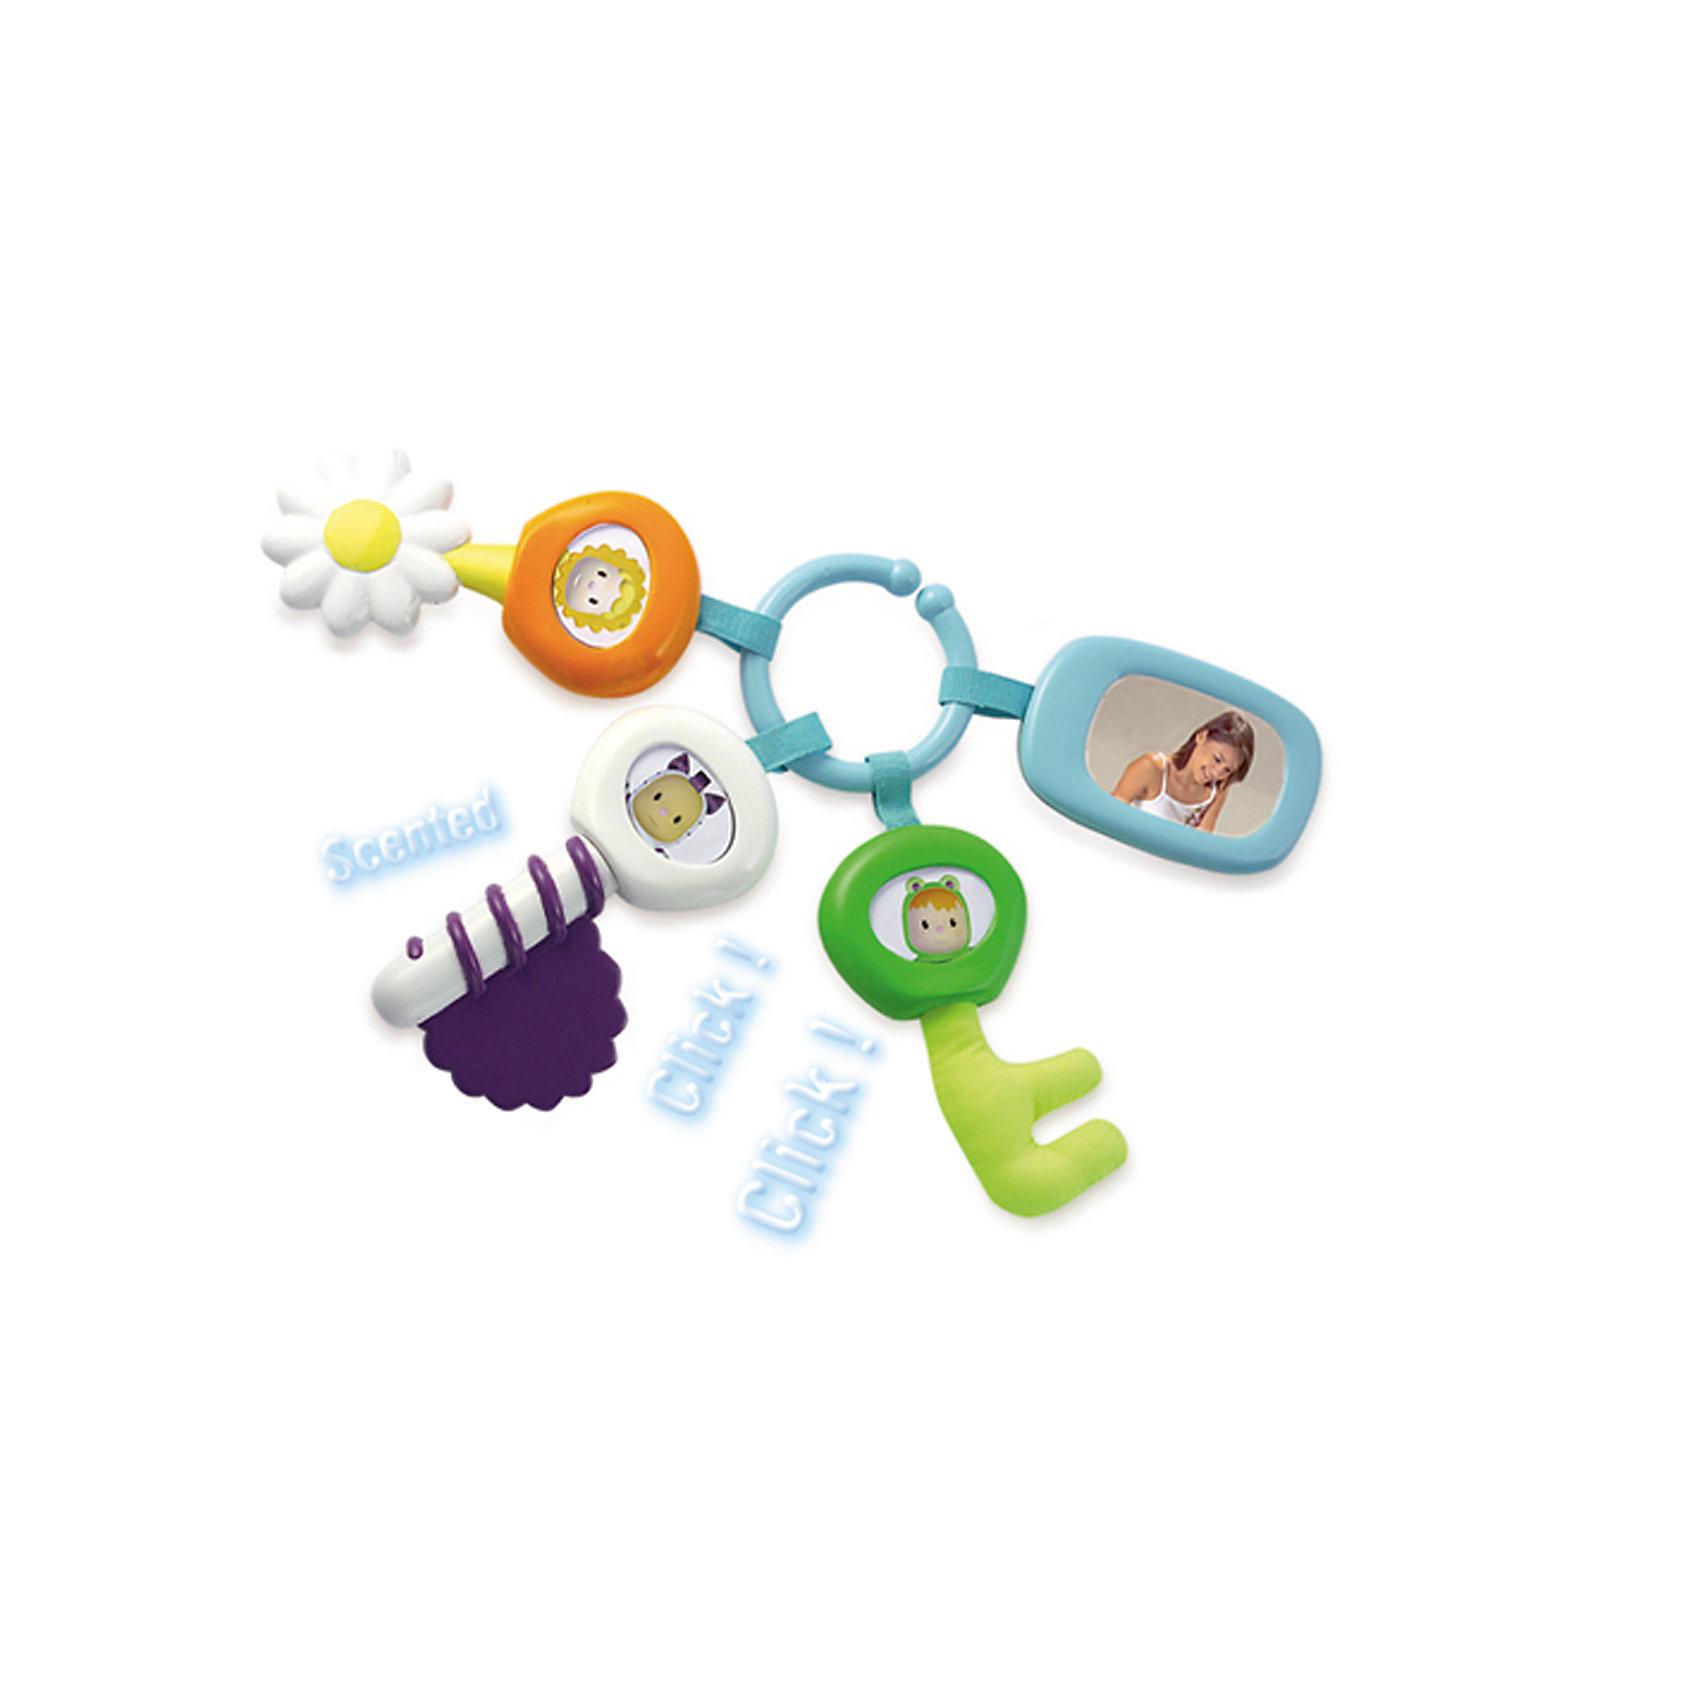 Smoby Cotoons Брелок с ключамиПрорезыватели<br>Smoby Cotoons Брелок с ключами – это и забавный яркий аксессуар, и прорезыватель, и погремушка.<br>Игрушка «Брелок с ключами» — это зеркальце и три ключа с разными функциями. Игрушка подходит для новорожденных и может служить погремушкой, зубопрорезывателем и даже брелоком к сумочке с вещами малыша. Три ключика и зеркальце держатся на кольце-брелоке. Во всех ключиках гремят шарики. В зеркальце можно вставить фото малыша. Ваш малыш будет с удовольствием рассматривать яркие разноцветные ключи, развивая зрение. А прислушиваясь к звукам, которые издаёт погремушка – совершенствовать слуховое восприятие. Став немного старше, ребенок сможет учиться захватывать брелок ручкой, при этом отлично развивается мелкая моторика. Игрушка выполнена из безопасного гипоаллергенного пластика.<br><br>Дополнительная информация:<br><br>- Цвет: оранжевый, белый, голубой, салатовый<br>- Комплект: 3 ключика, зеркальце, кольцо<br>- Материал: пластик<br>- Размер упаковки: 24 х 22 х 4 см.<br><br>Smoby Cotoons Брелок с ключами можно купить в нашем интернет-магазине.<br><br>Ширина мм: 240<br>Глубина мм: 220<br>Высота мм: 40<br>Вес г: 1160<br>Возраст от месяцев: 0<br>Возраст до месяцев: 24<br>Пол: Унисекс<br>Возраст: Детский<br>SKU: 4039813